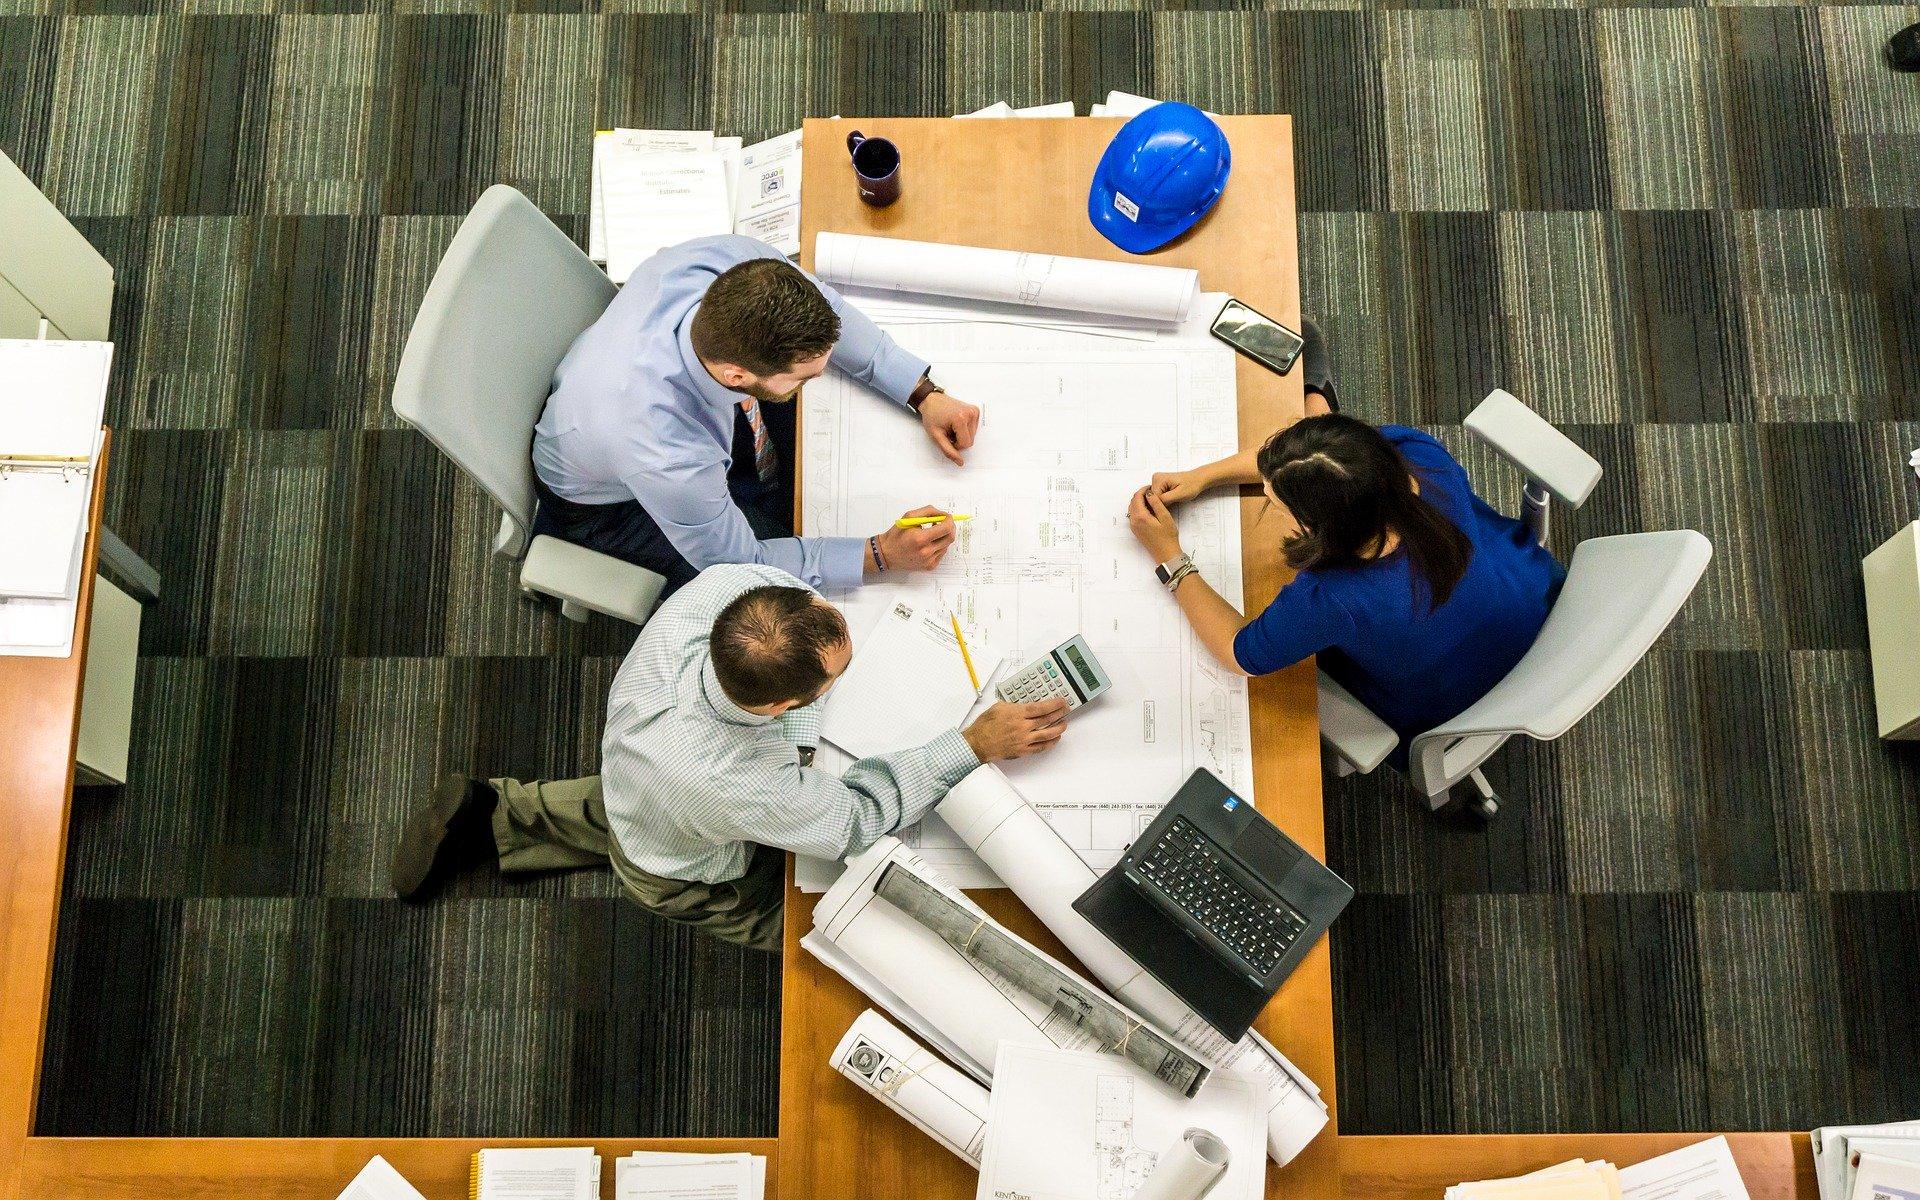 企業のメンタルヘルス対策は必要?任意労災による従業員の心のケアの重要性